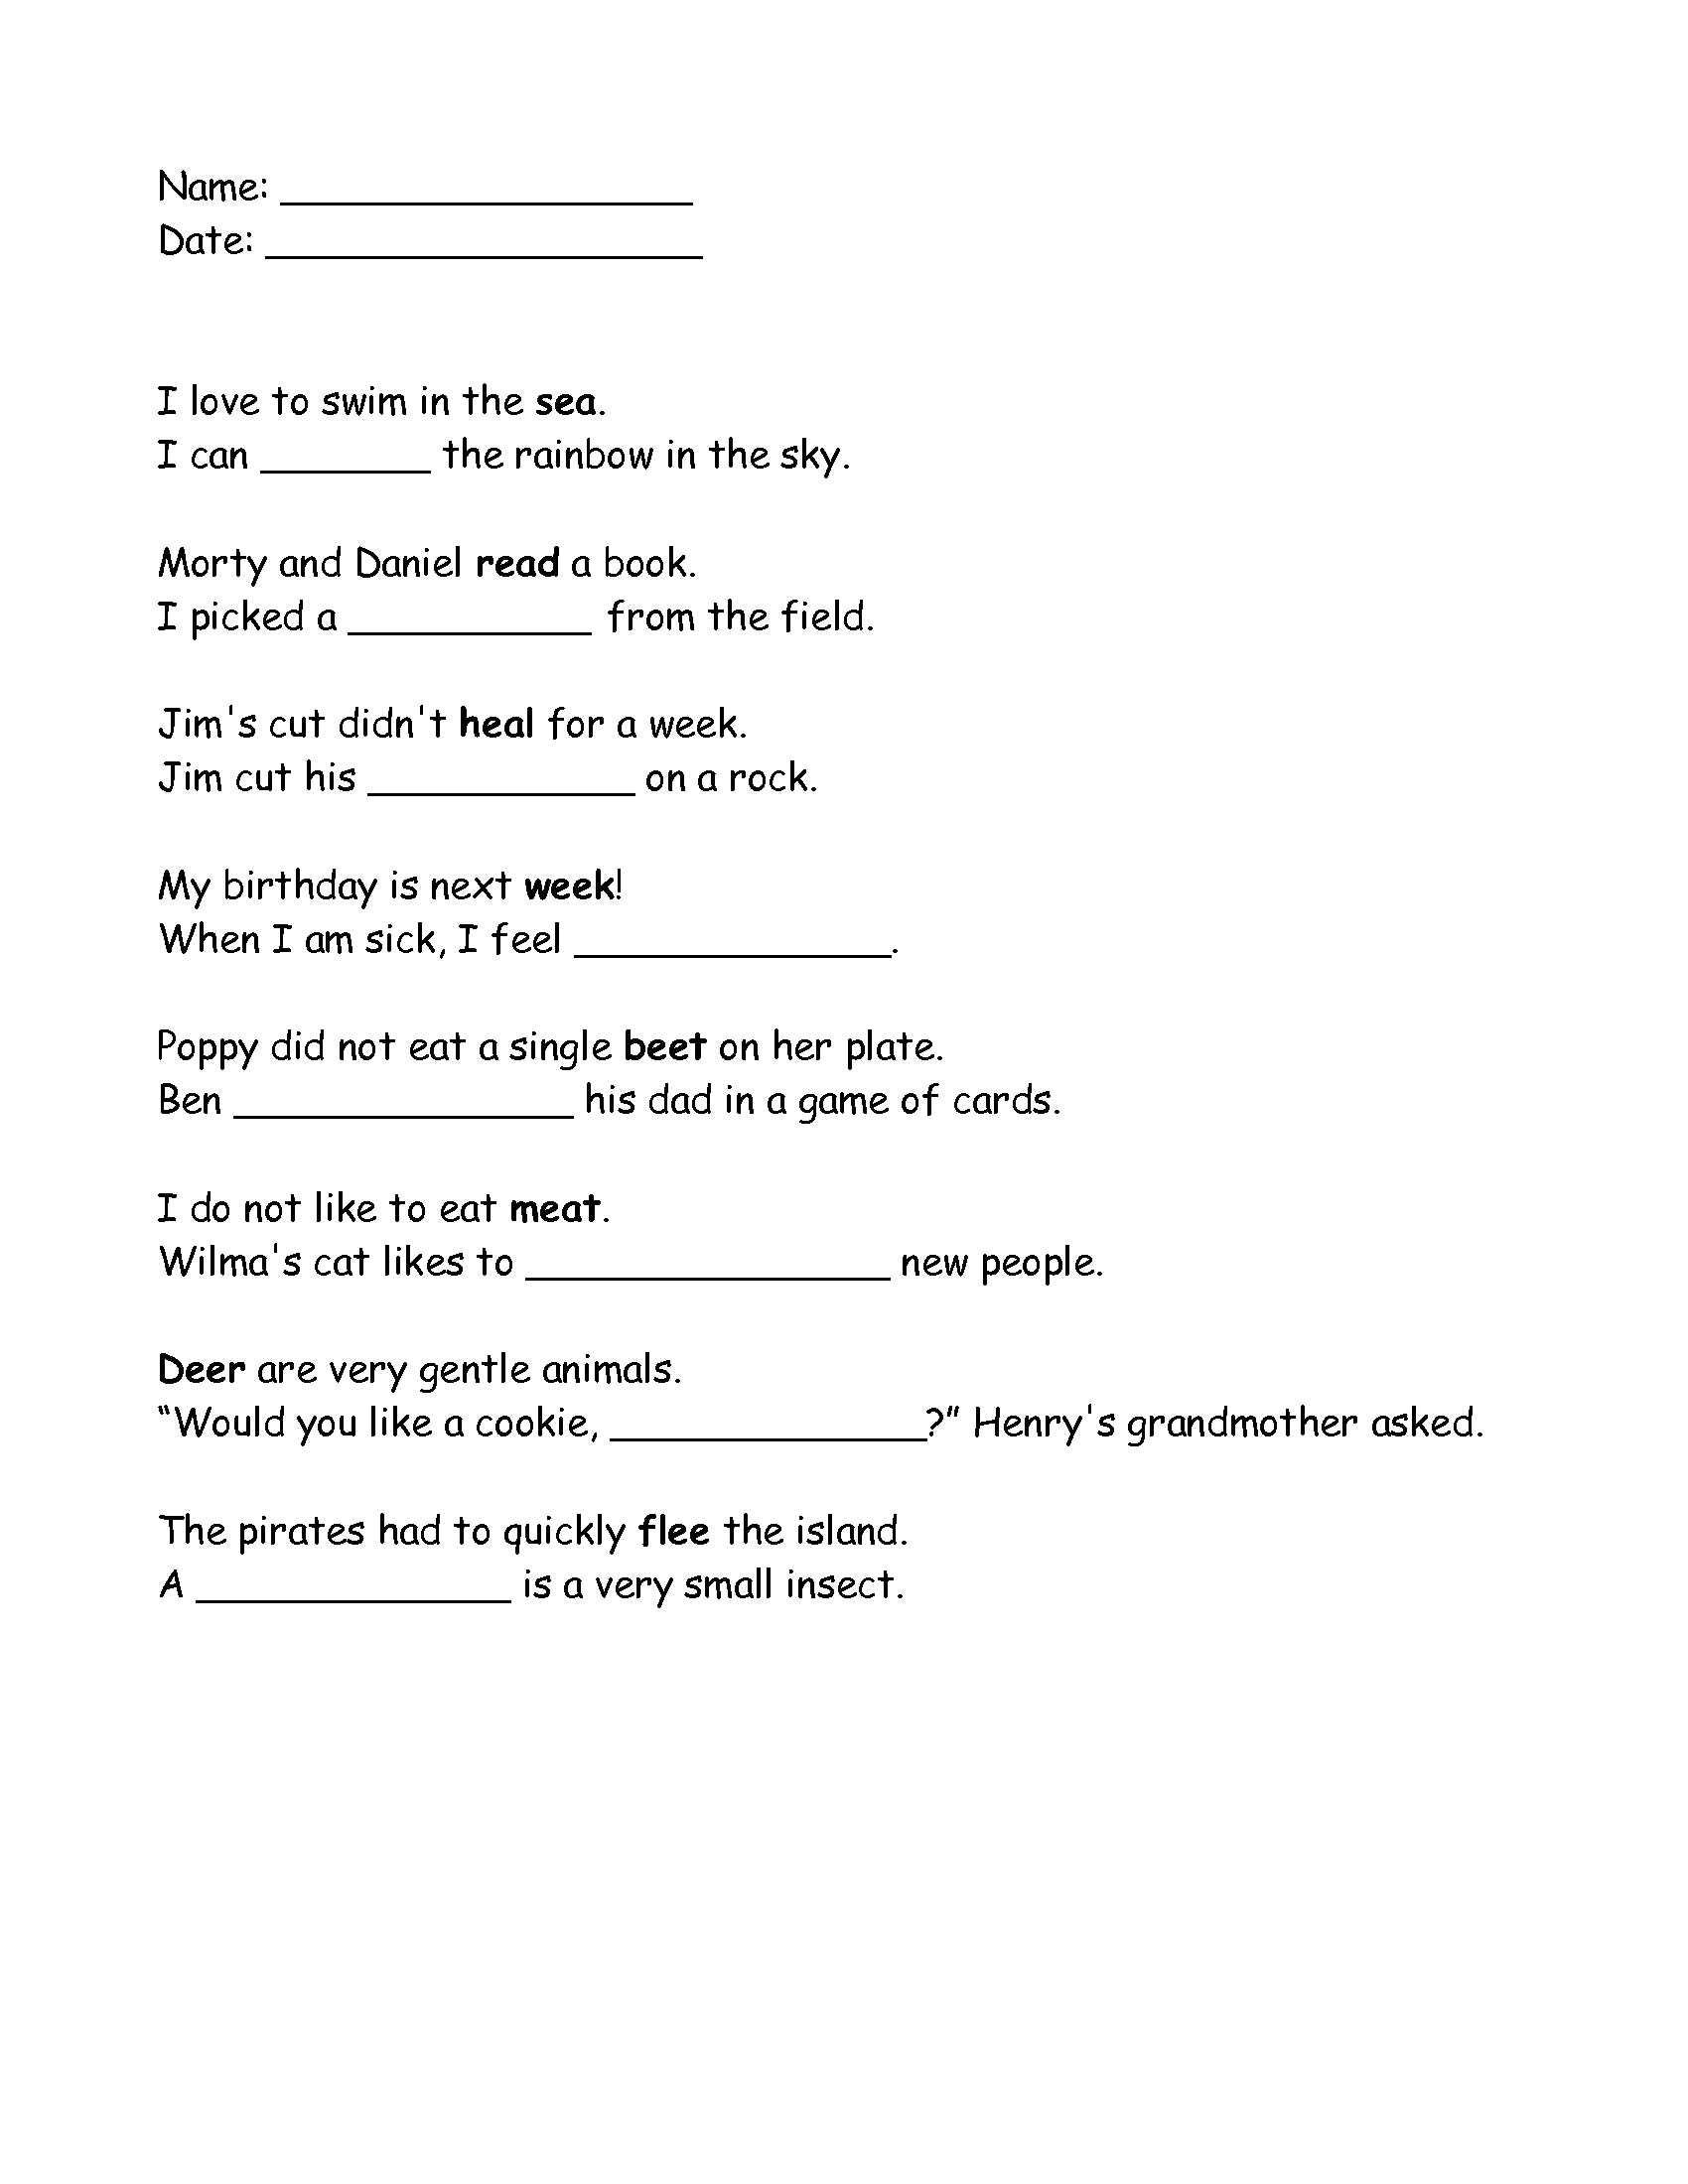 Best Dr Seuss Homeschool Images Clroom Ideas Diy And Week Activities Book Door